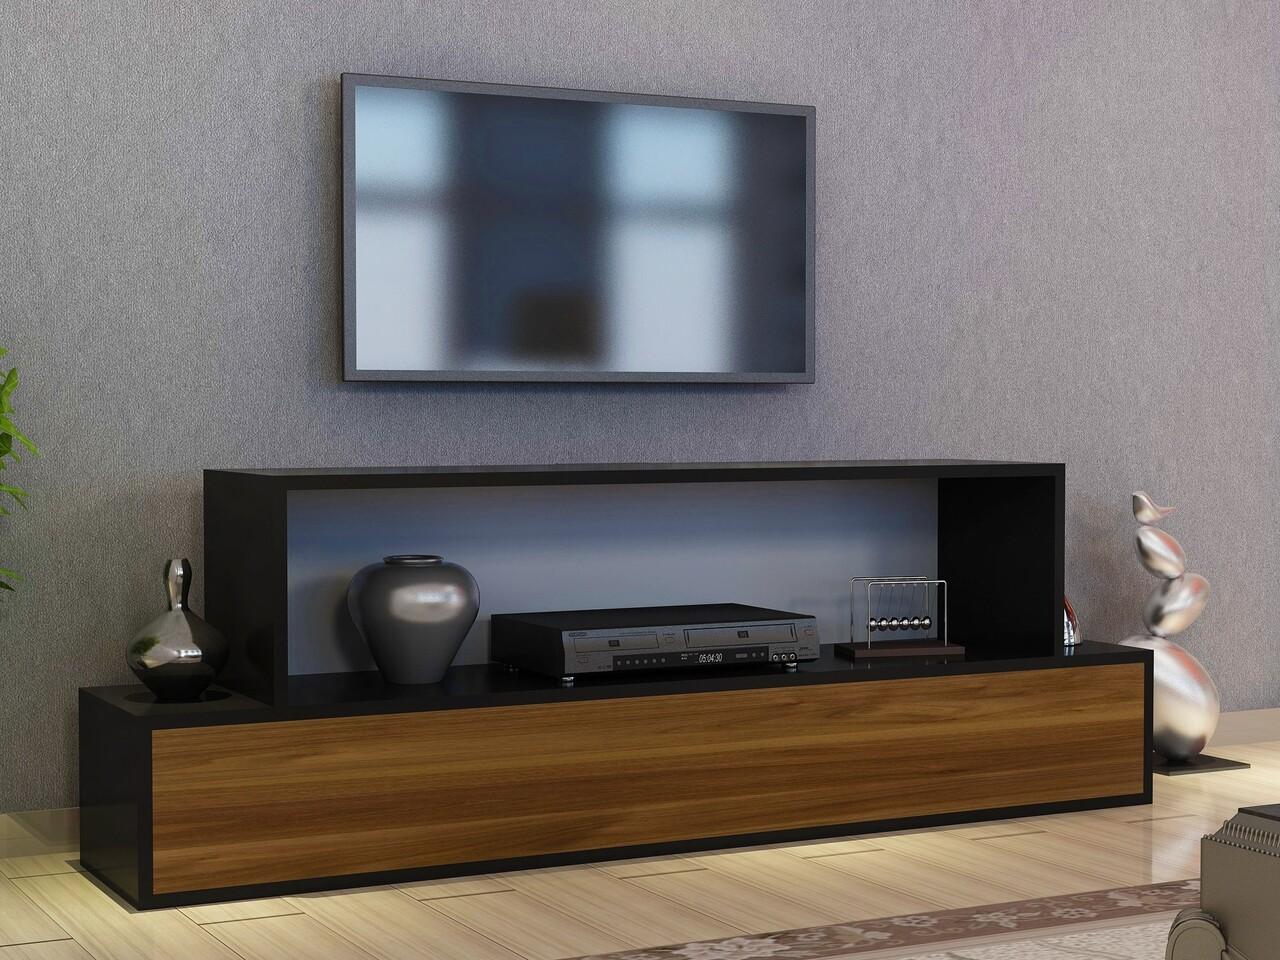 Comoda TV AGCA, Gauge Concept, 153.6x30x51.4 cm, PAL, aluna/negru